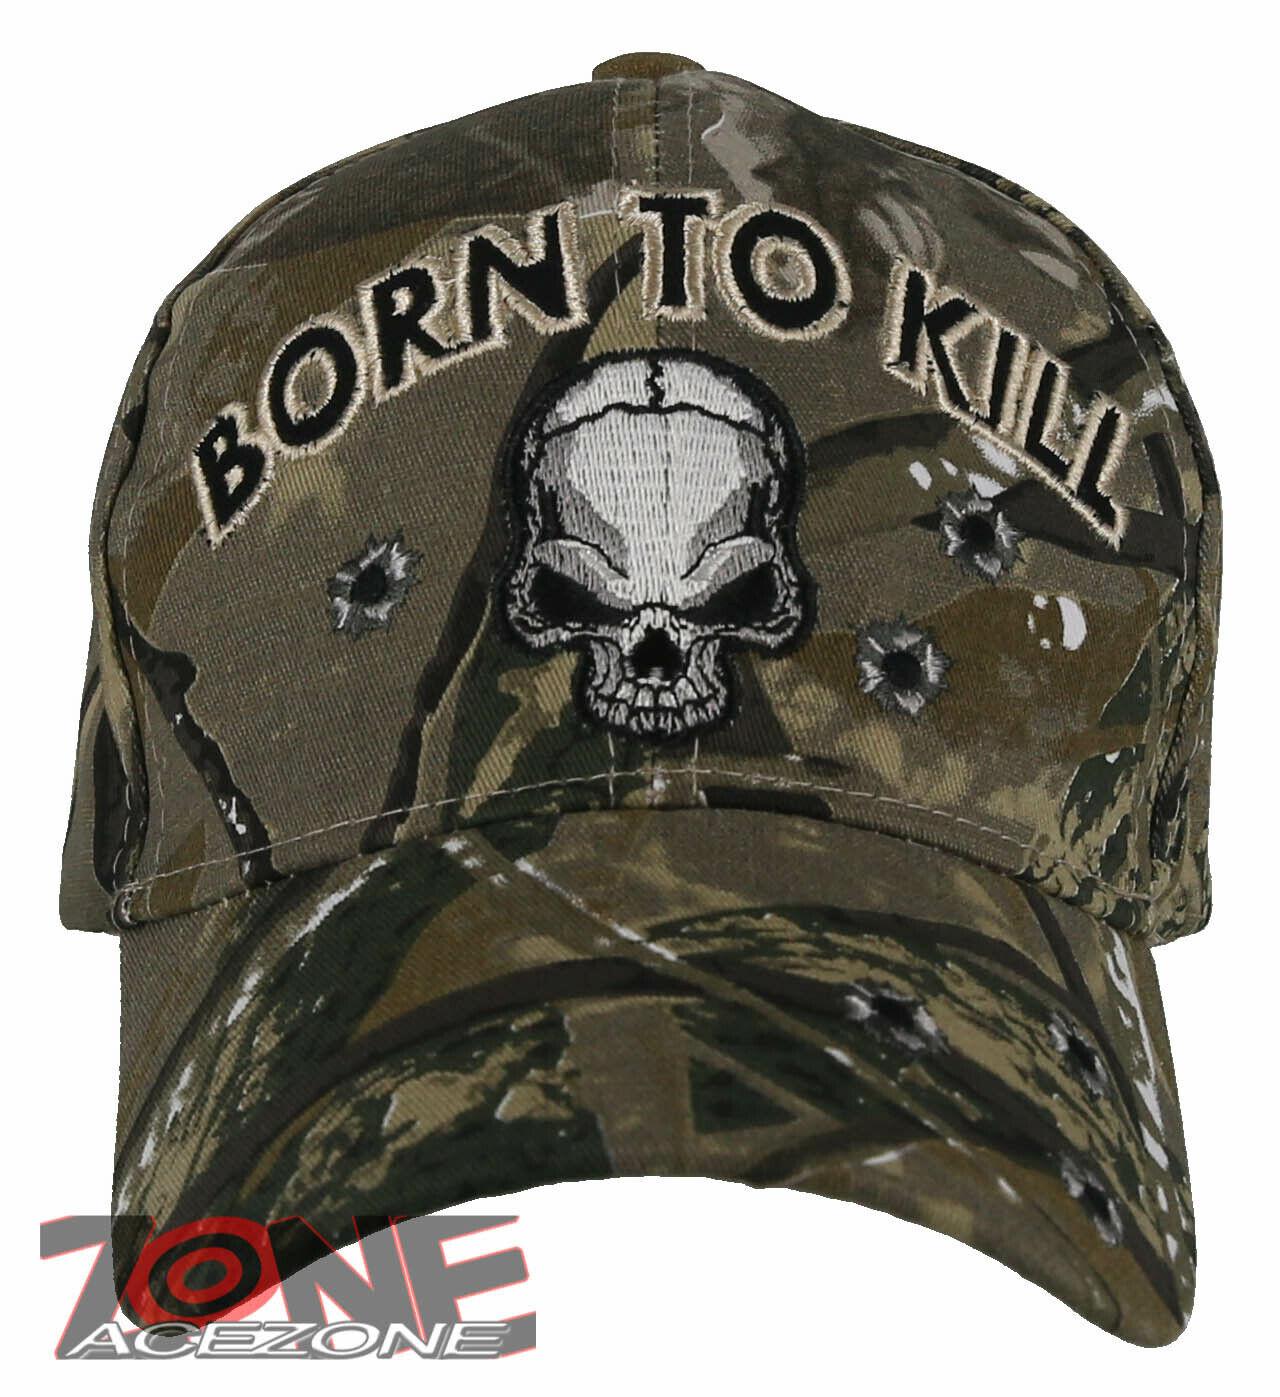 ! nuevo! nacido Para KILL cráneo Bola Gorra Sombrero Bosque Camuflaje